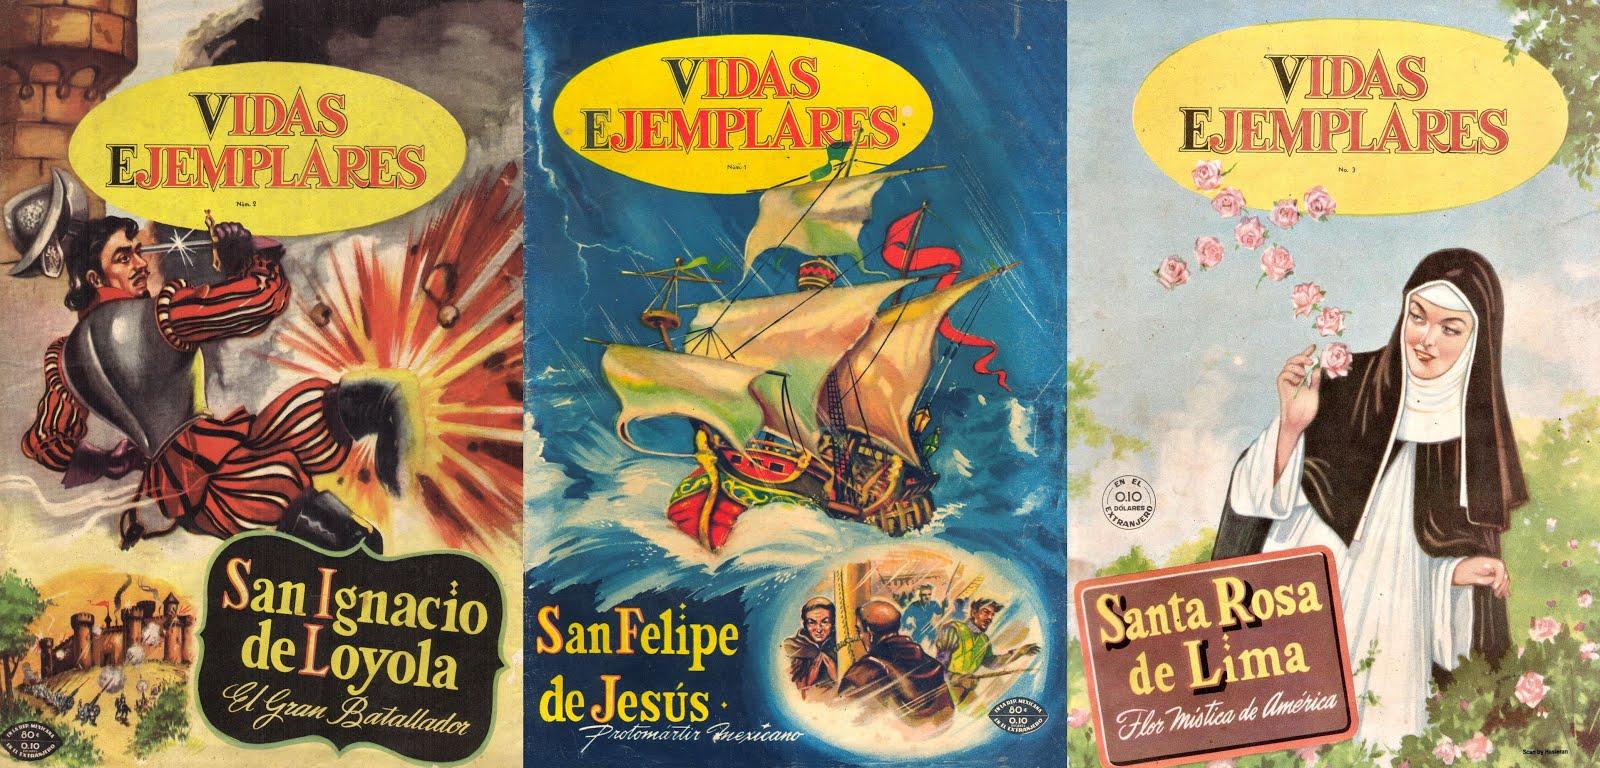 VIDAS EJEMPLARES Ed. Novaro - Colección completa 416 ord. + 13 extr.